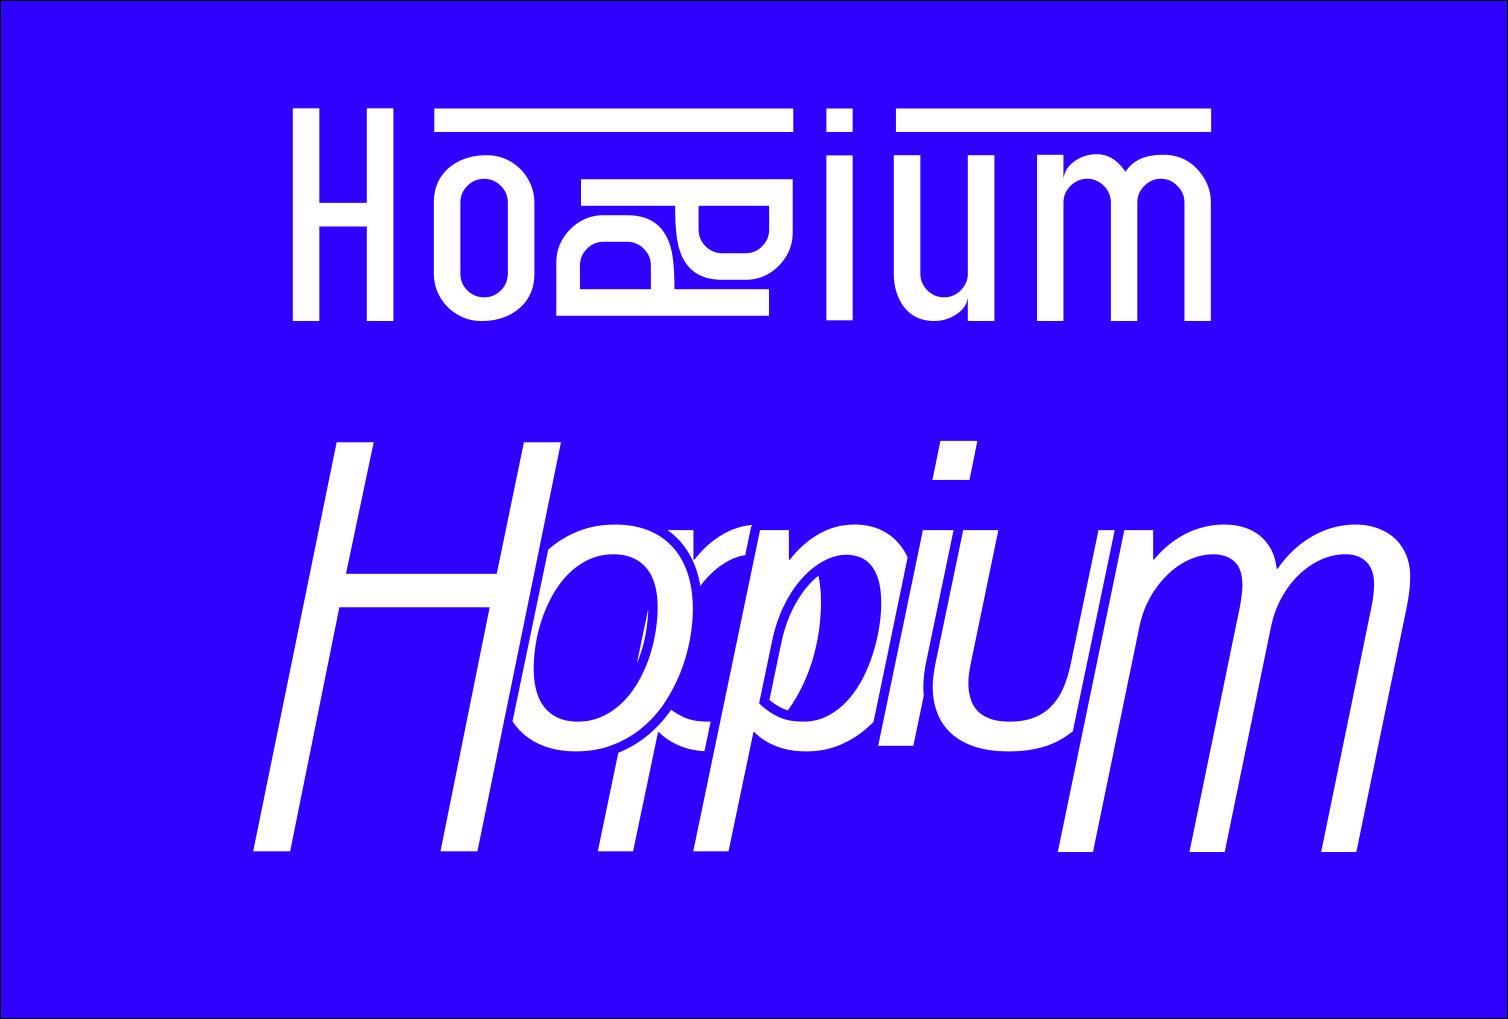 Логотип + Ценники для подмосковной крафтовой пивоварни фото f_4815dbd63a471d69.jpg